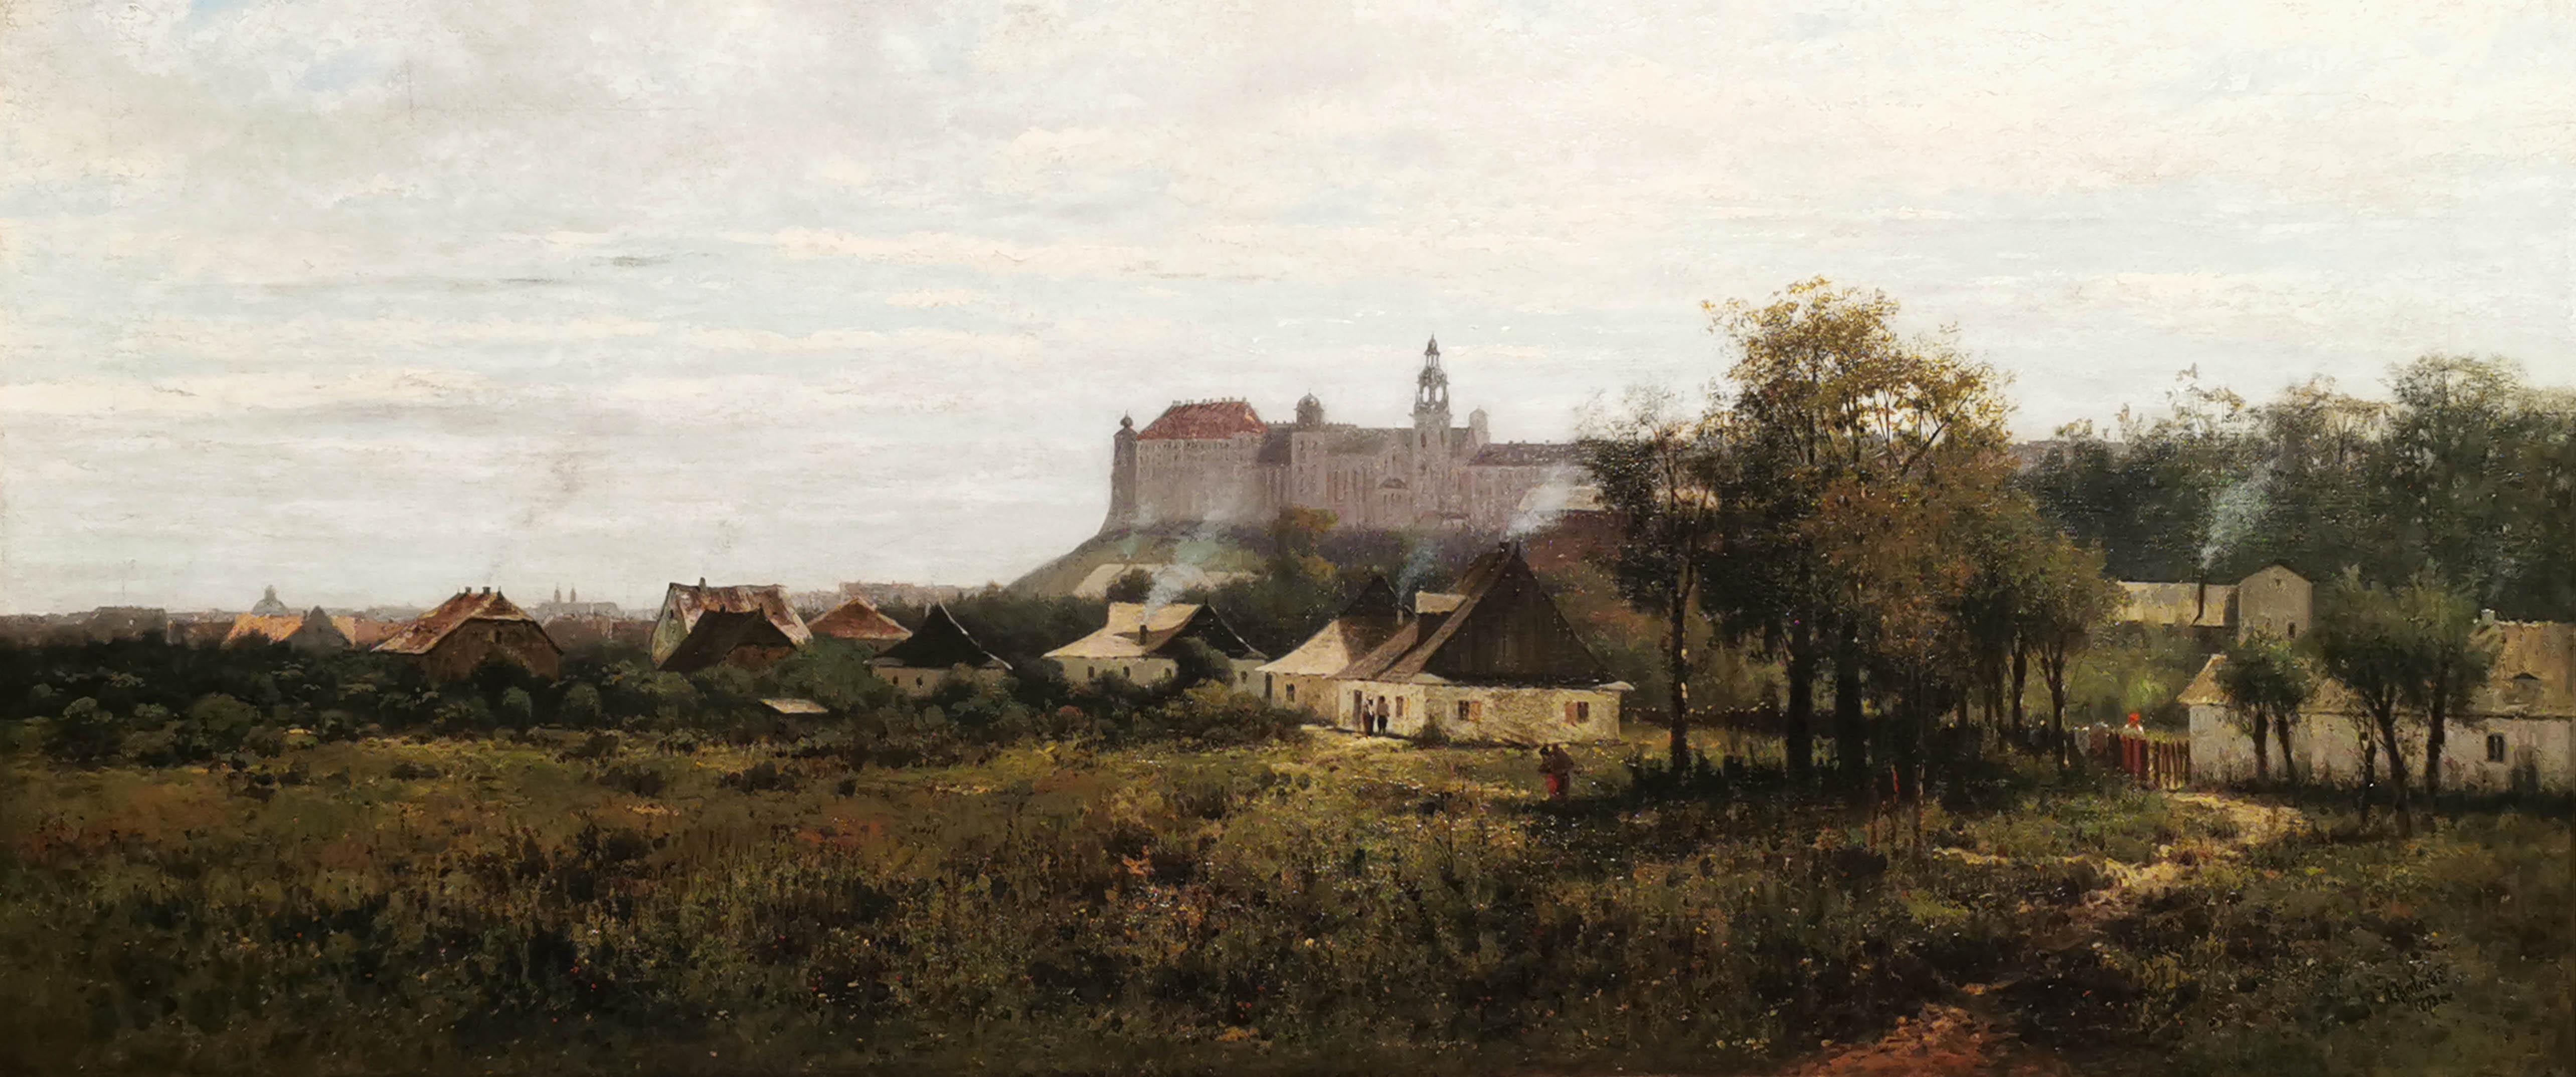 Zamek Królewski w Krakowie, 1873